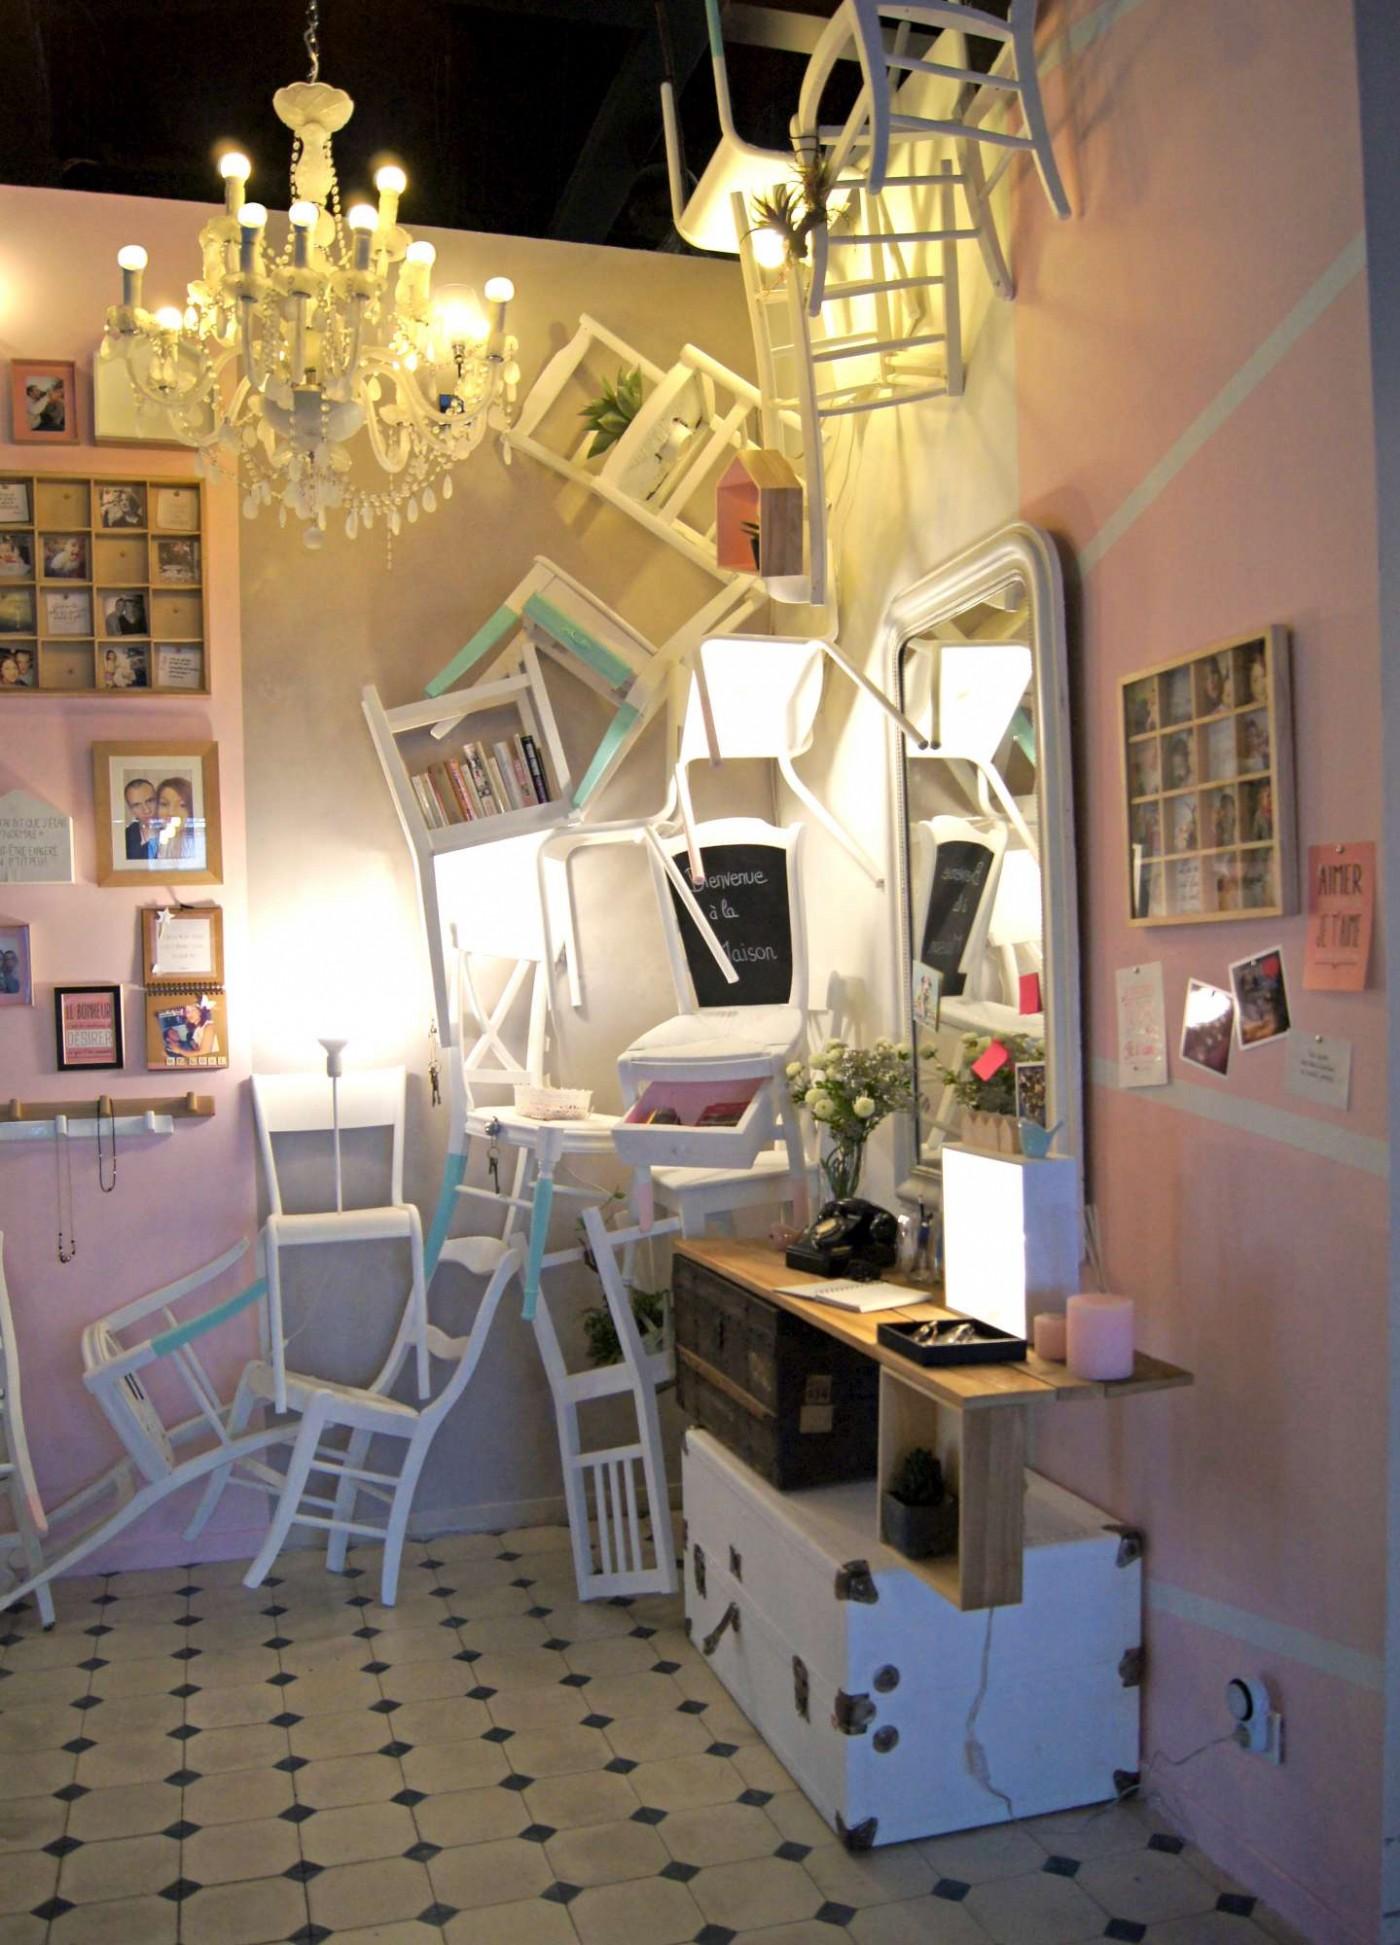 La nouvelle entrée Zôdio, une dégringolade de chaises!